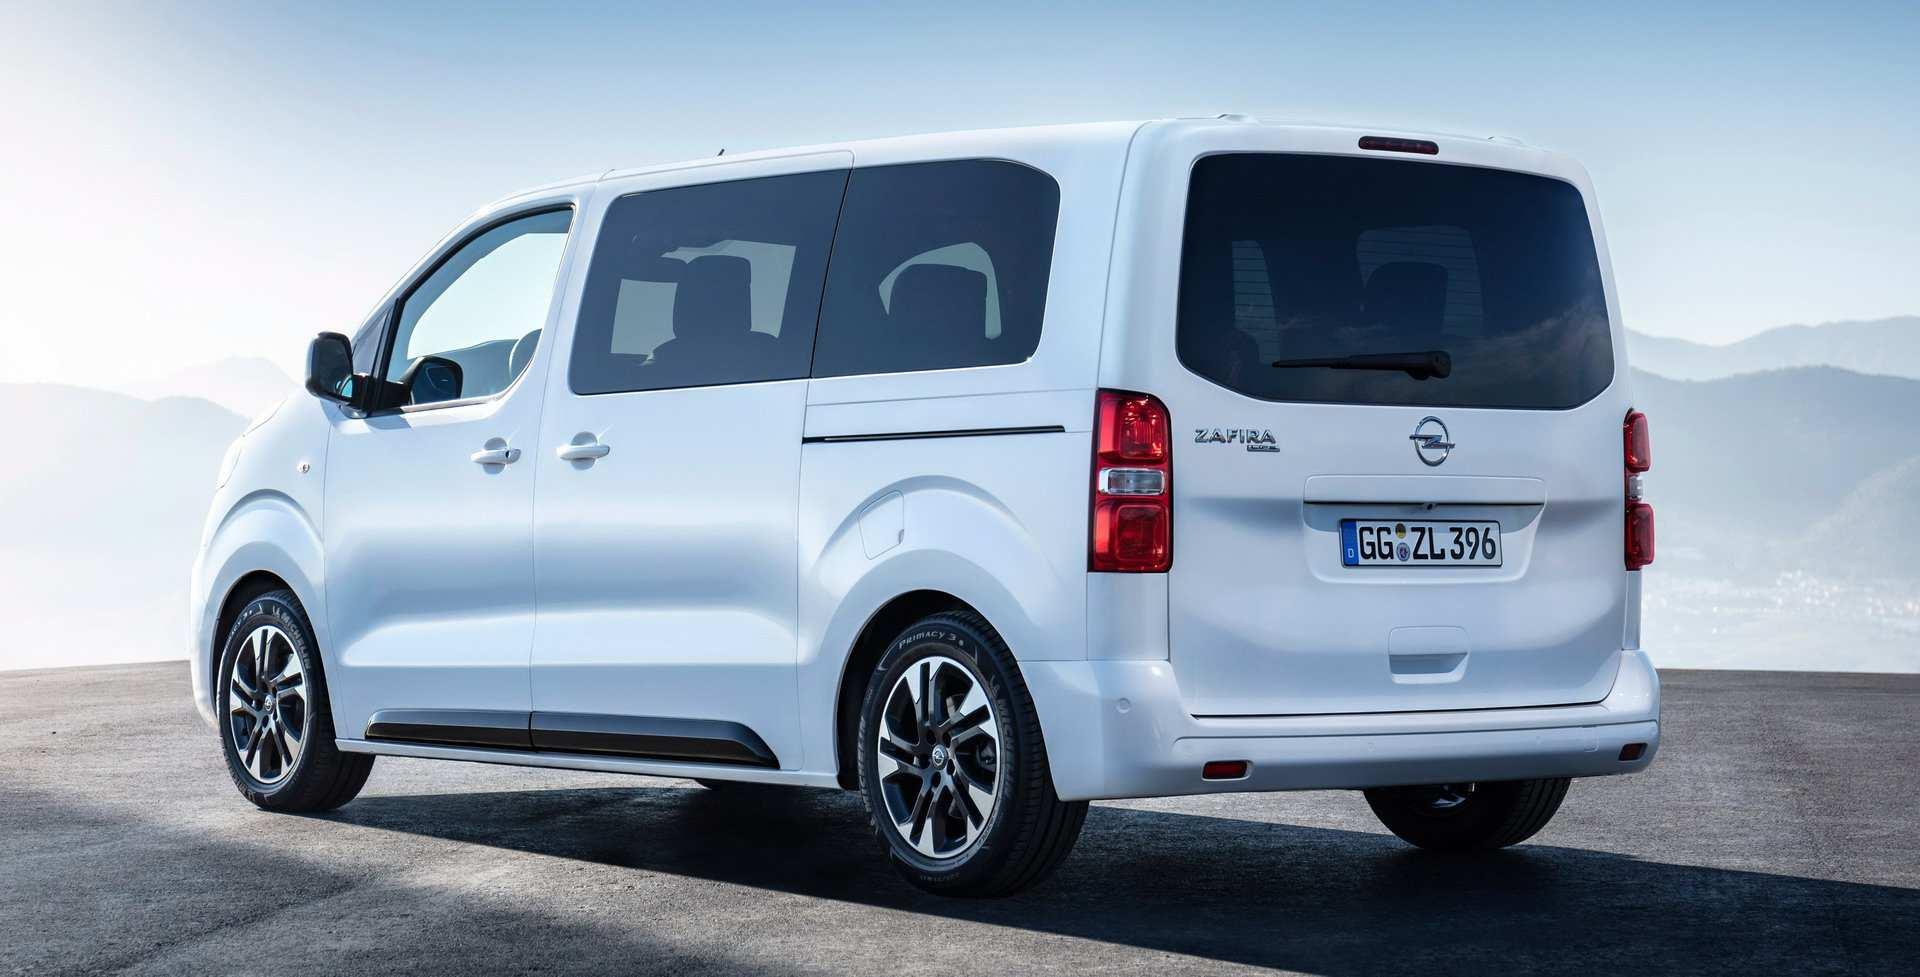 19 The Futur Opel Zafira 2020 Pricing for Futur Opel Zafira 2020